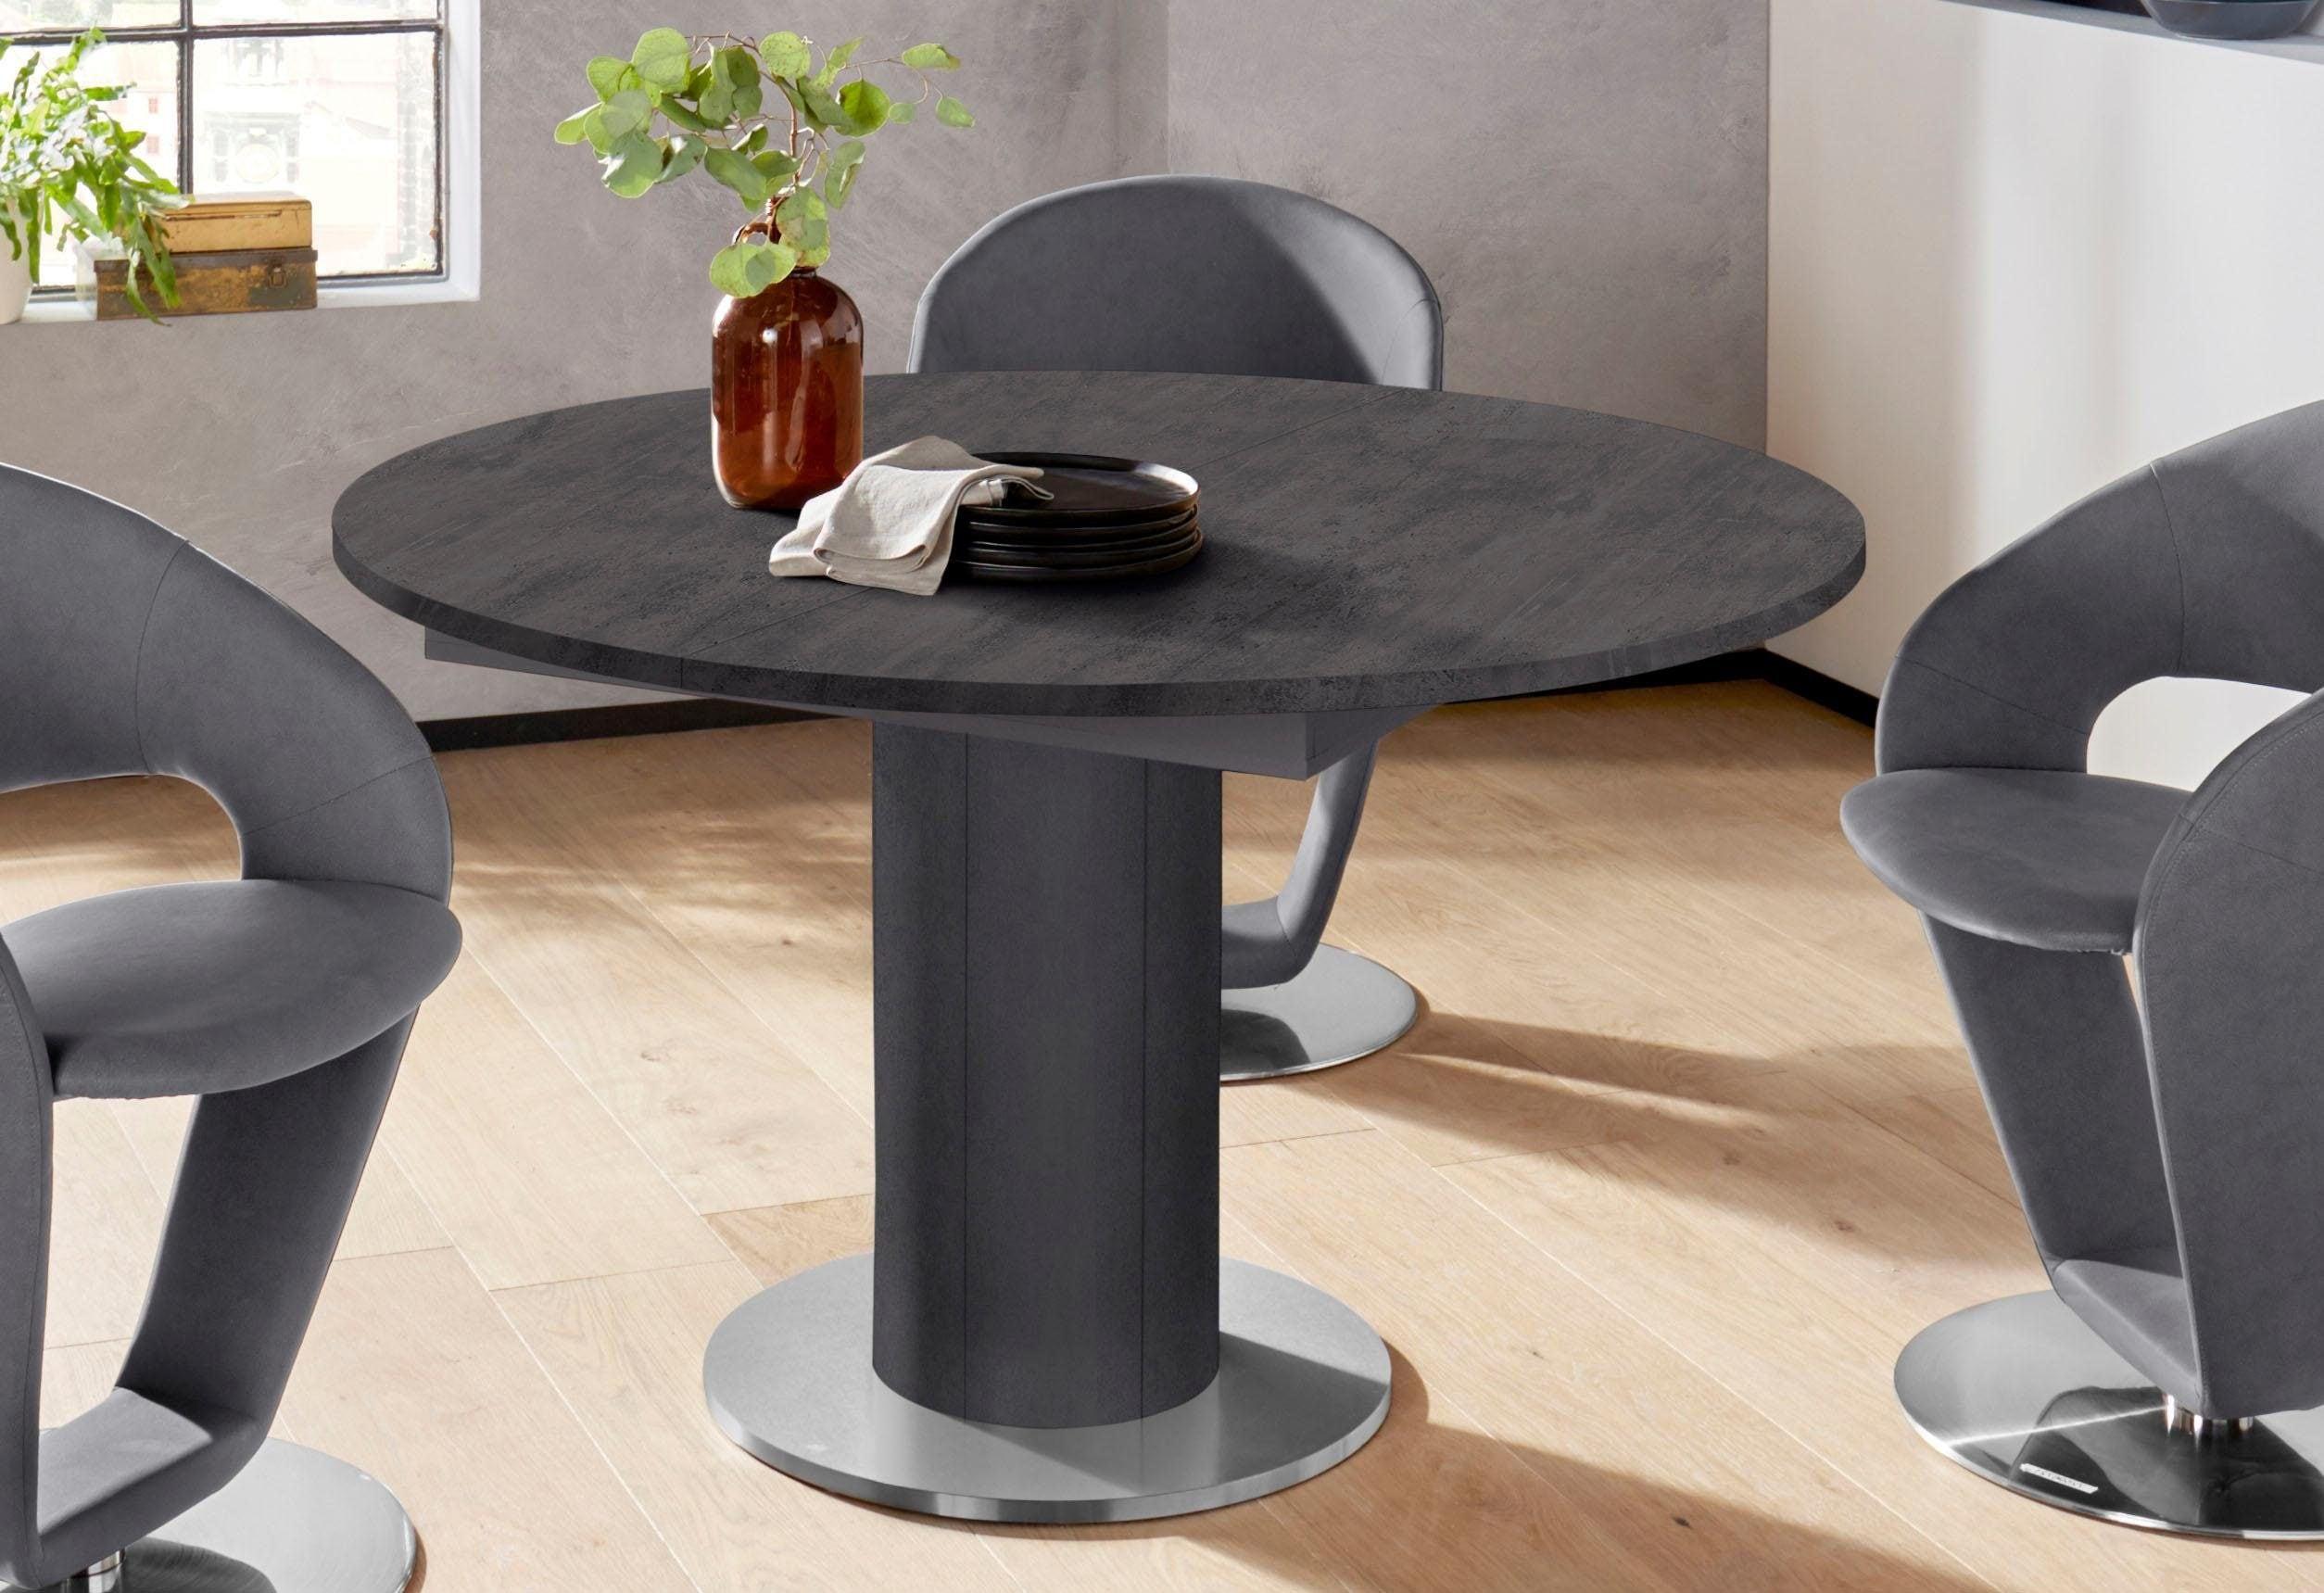 Mäusbacher Esstisch, rund, Untergestell Säule grau Esstisch Ausziehbare Esstische Tische